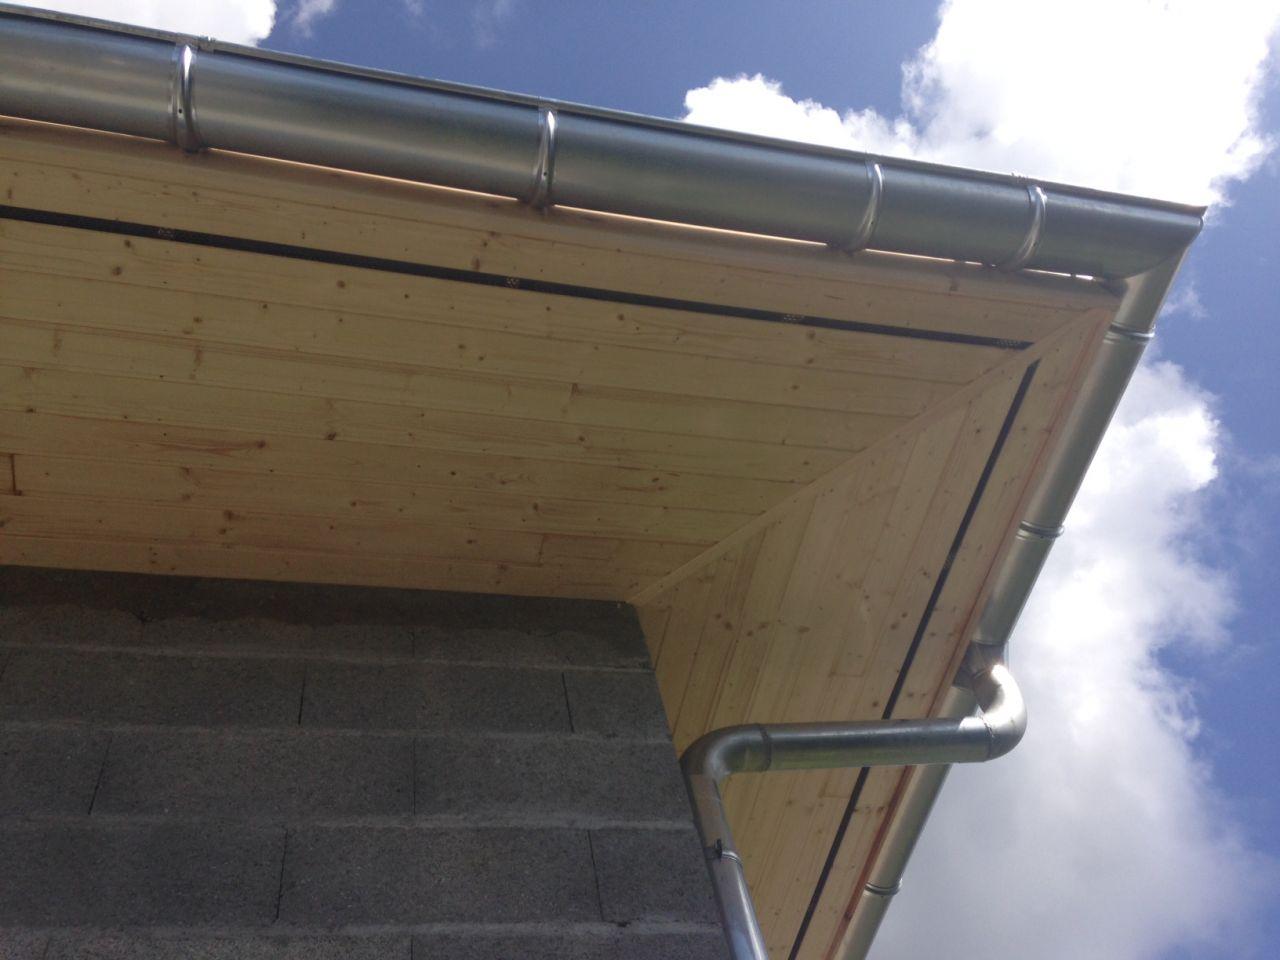 Cheneaux et habillage des dessous de toit